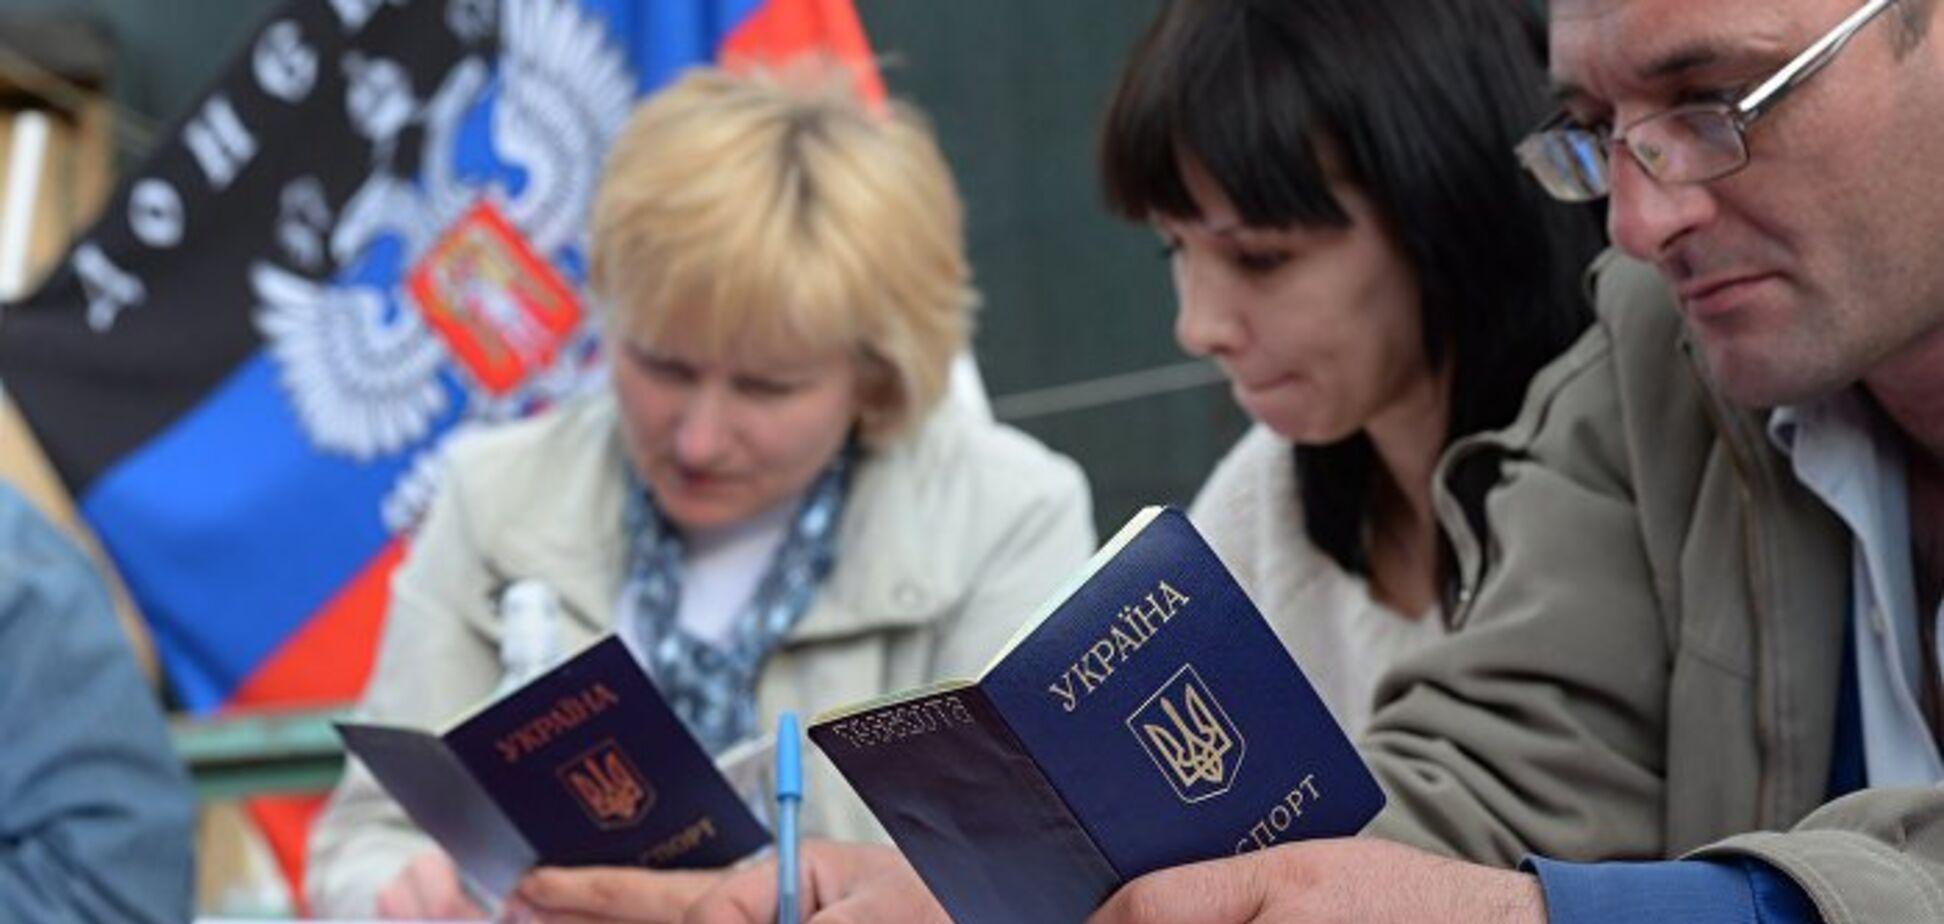 Лишение гражданства участников 'референдума 'Л/ДНР': что думают украинцы